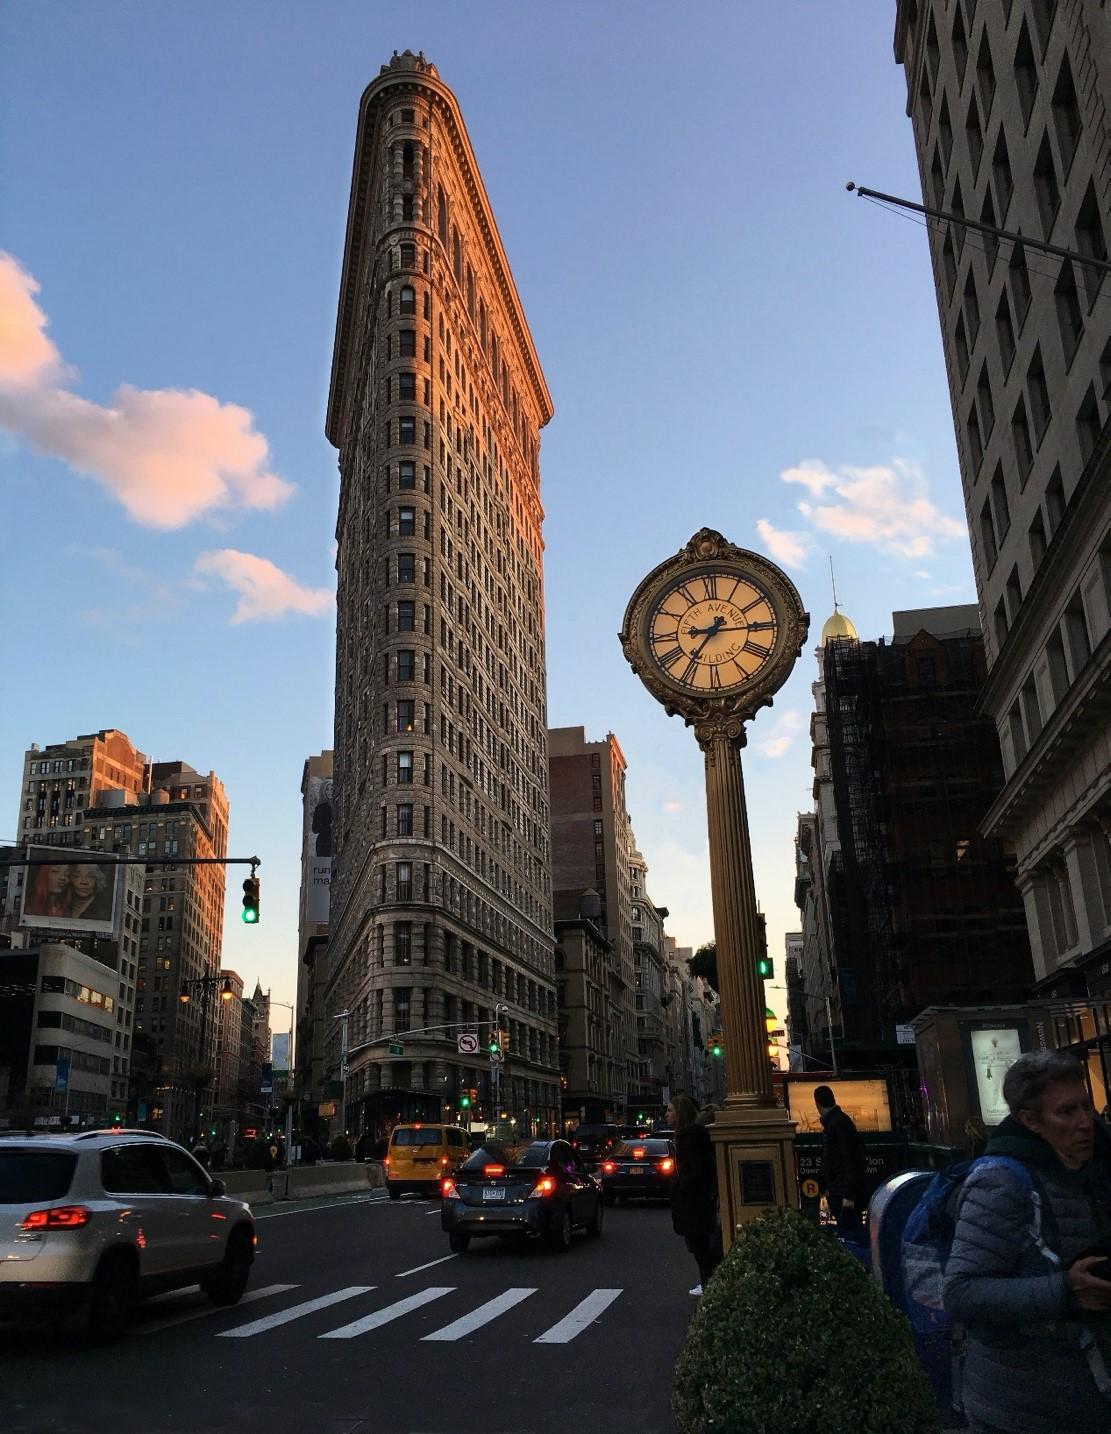 """1902年竣工的熨斗大厦曾是纽约最高楼,如今其周边区域成为科技公司聚集的""""硅巷""""。图片来自Wikimedia Commons"""